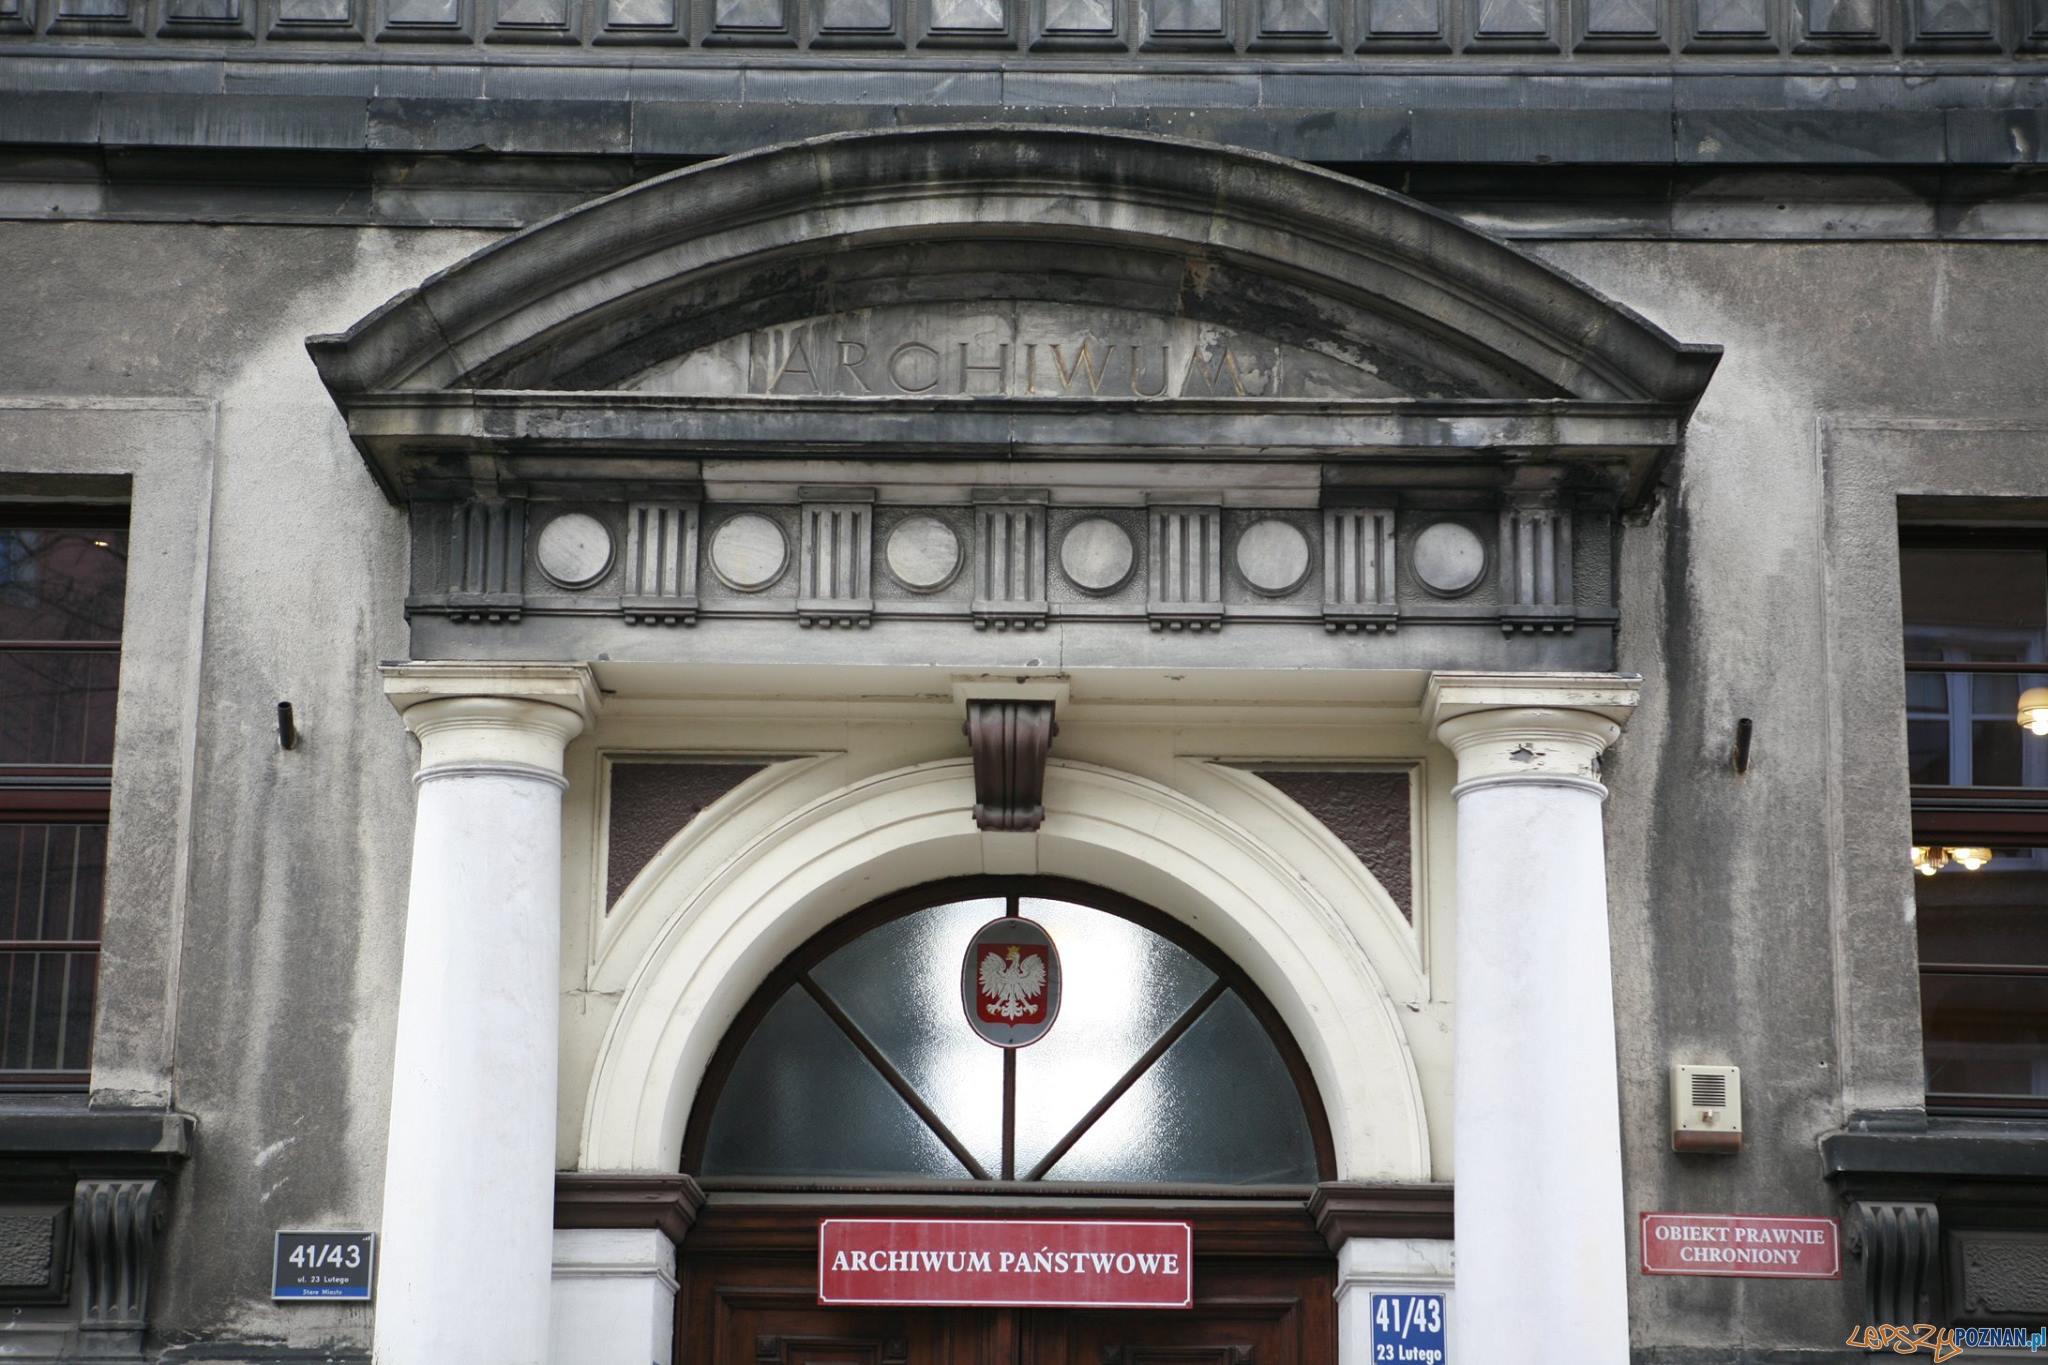 Archiwum Państwowe w Poznaniu